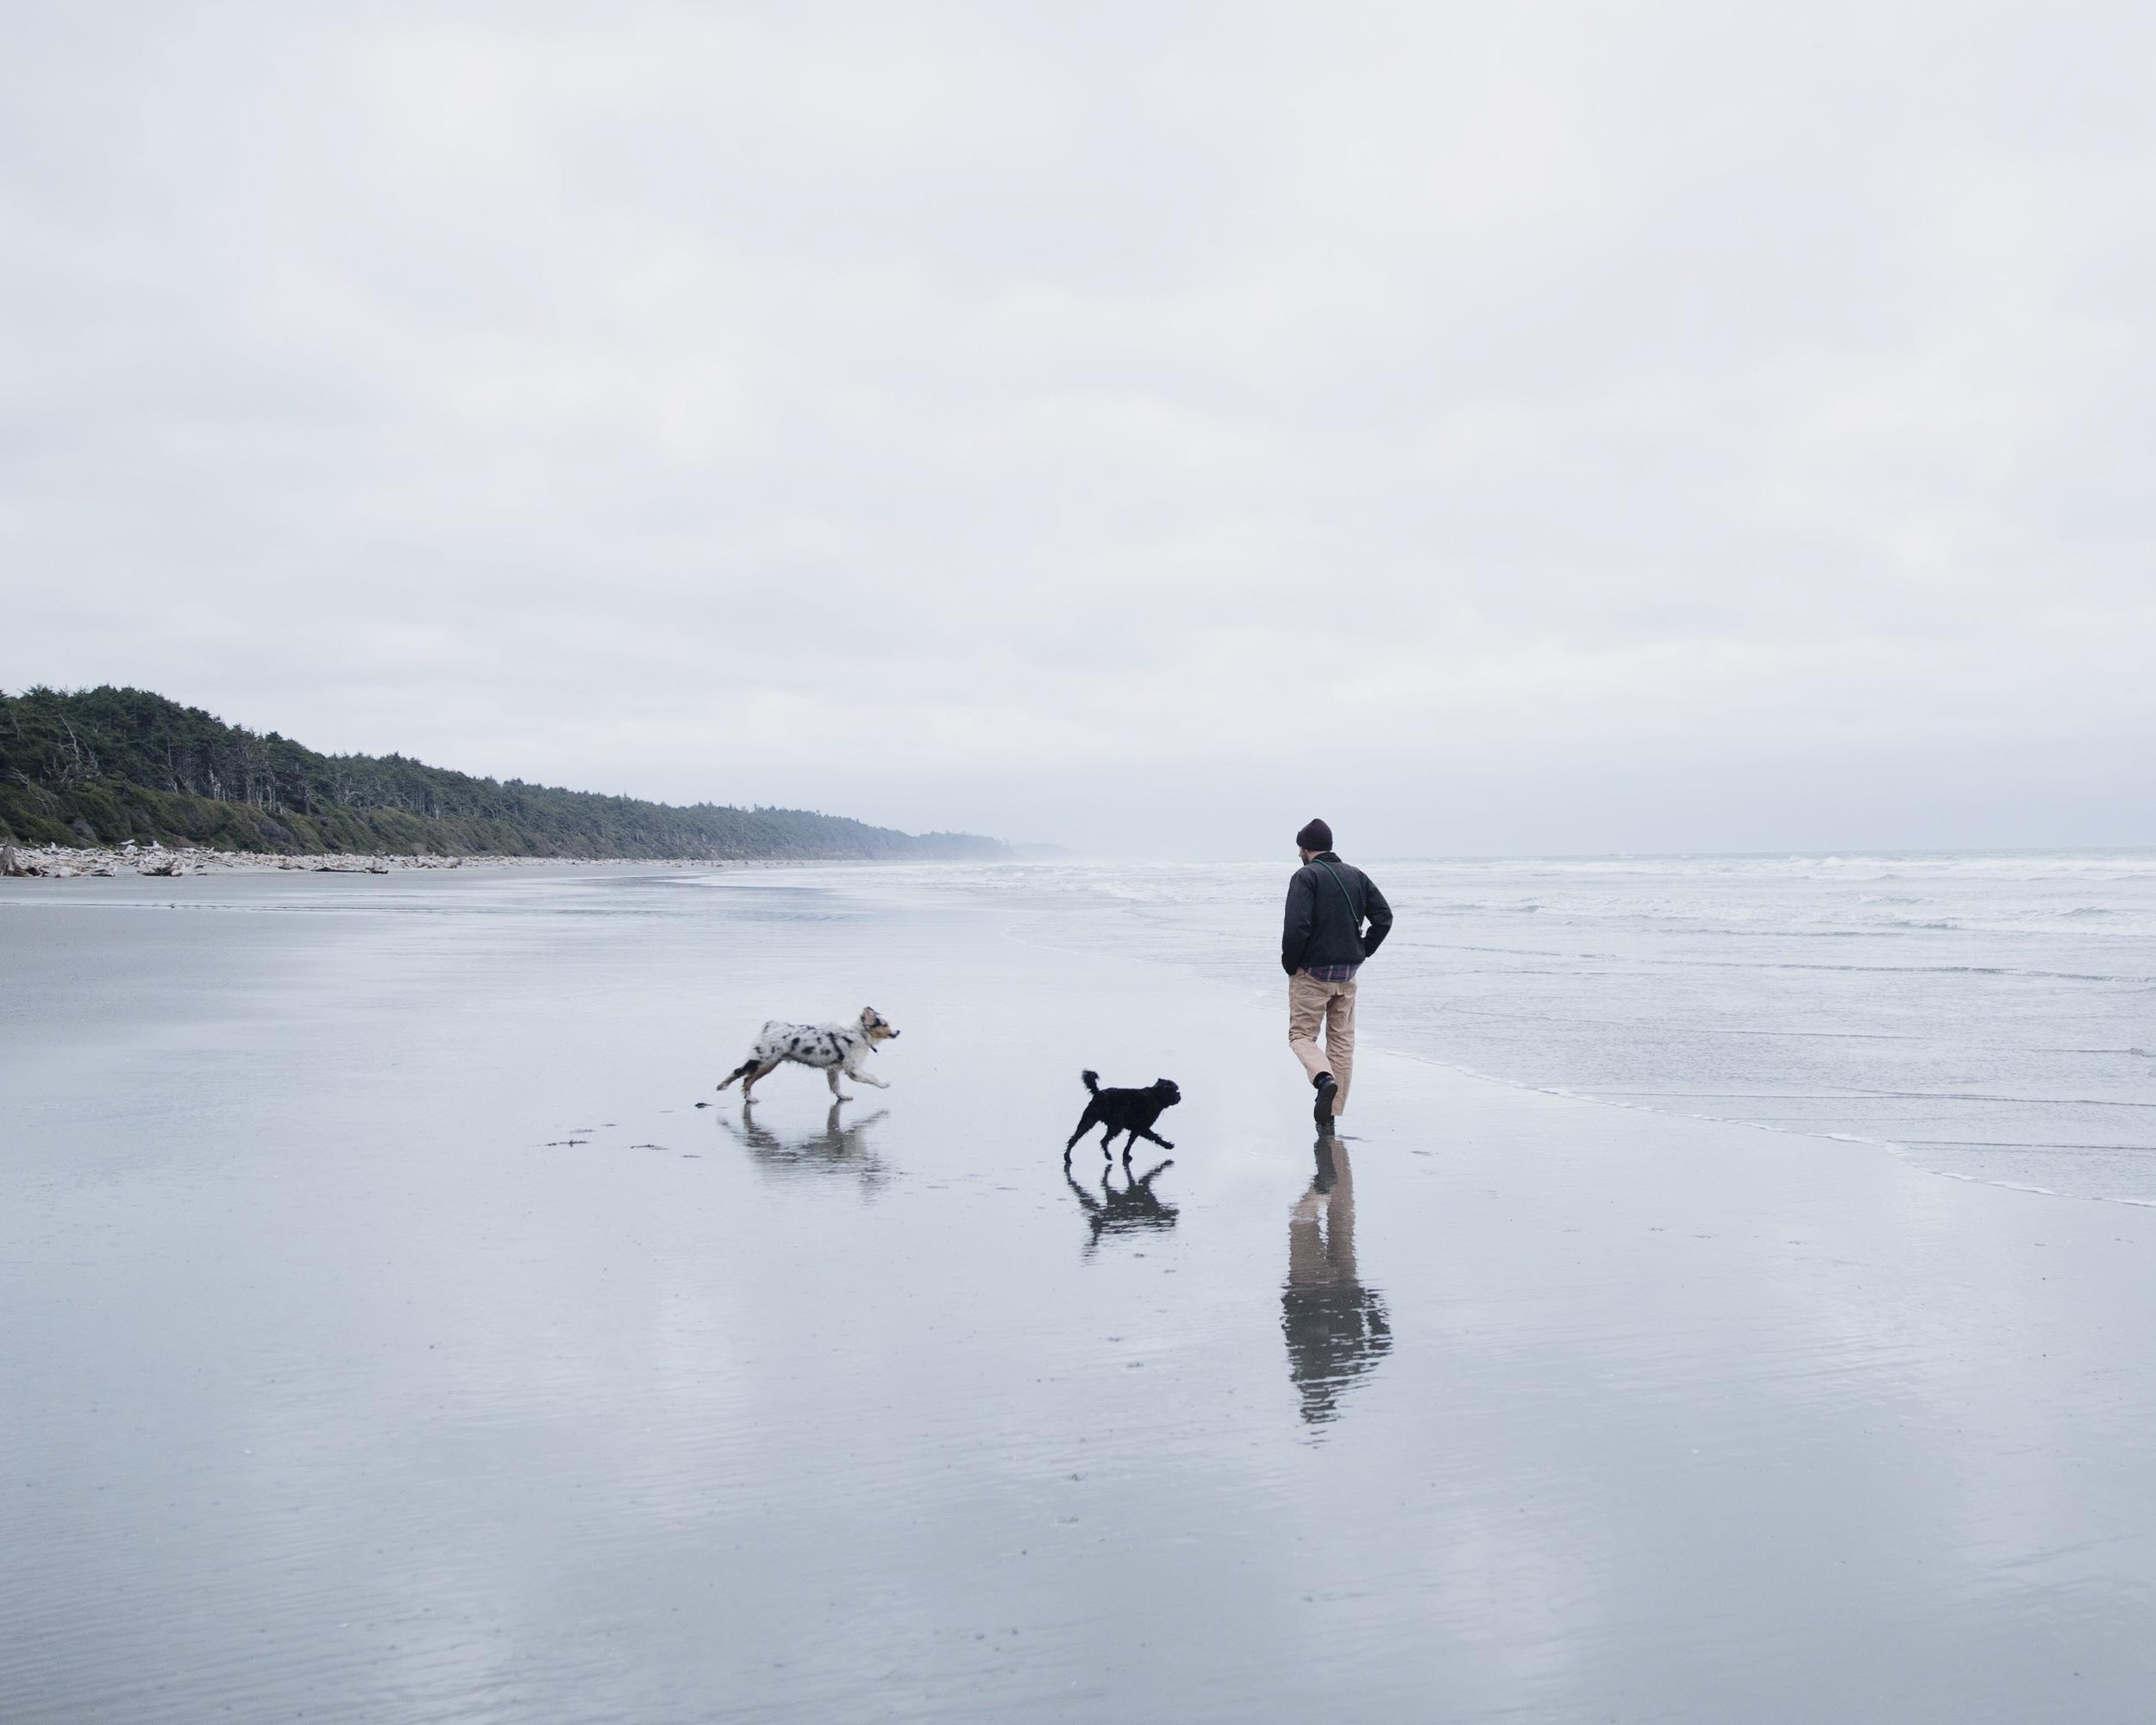 Presto, Dusty, and Tony at Kalaloch Beach